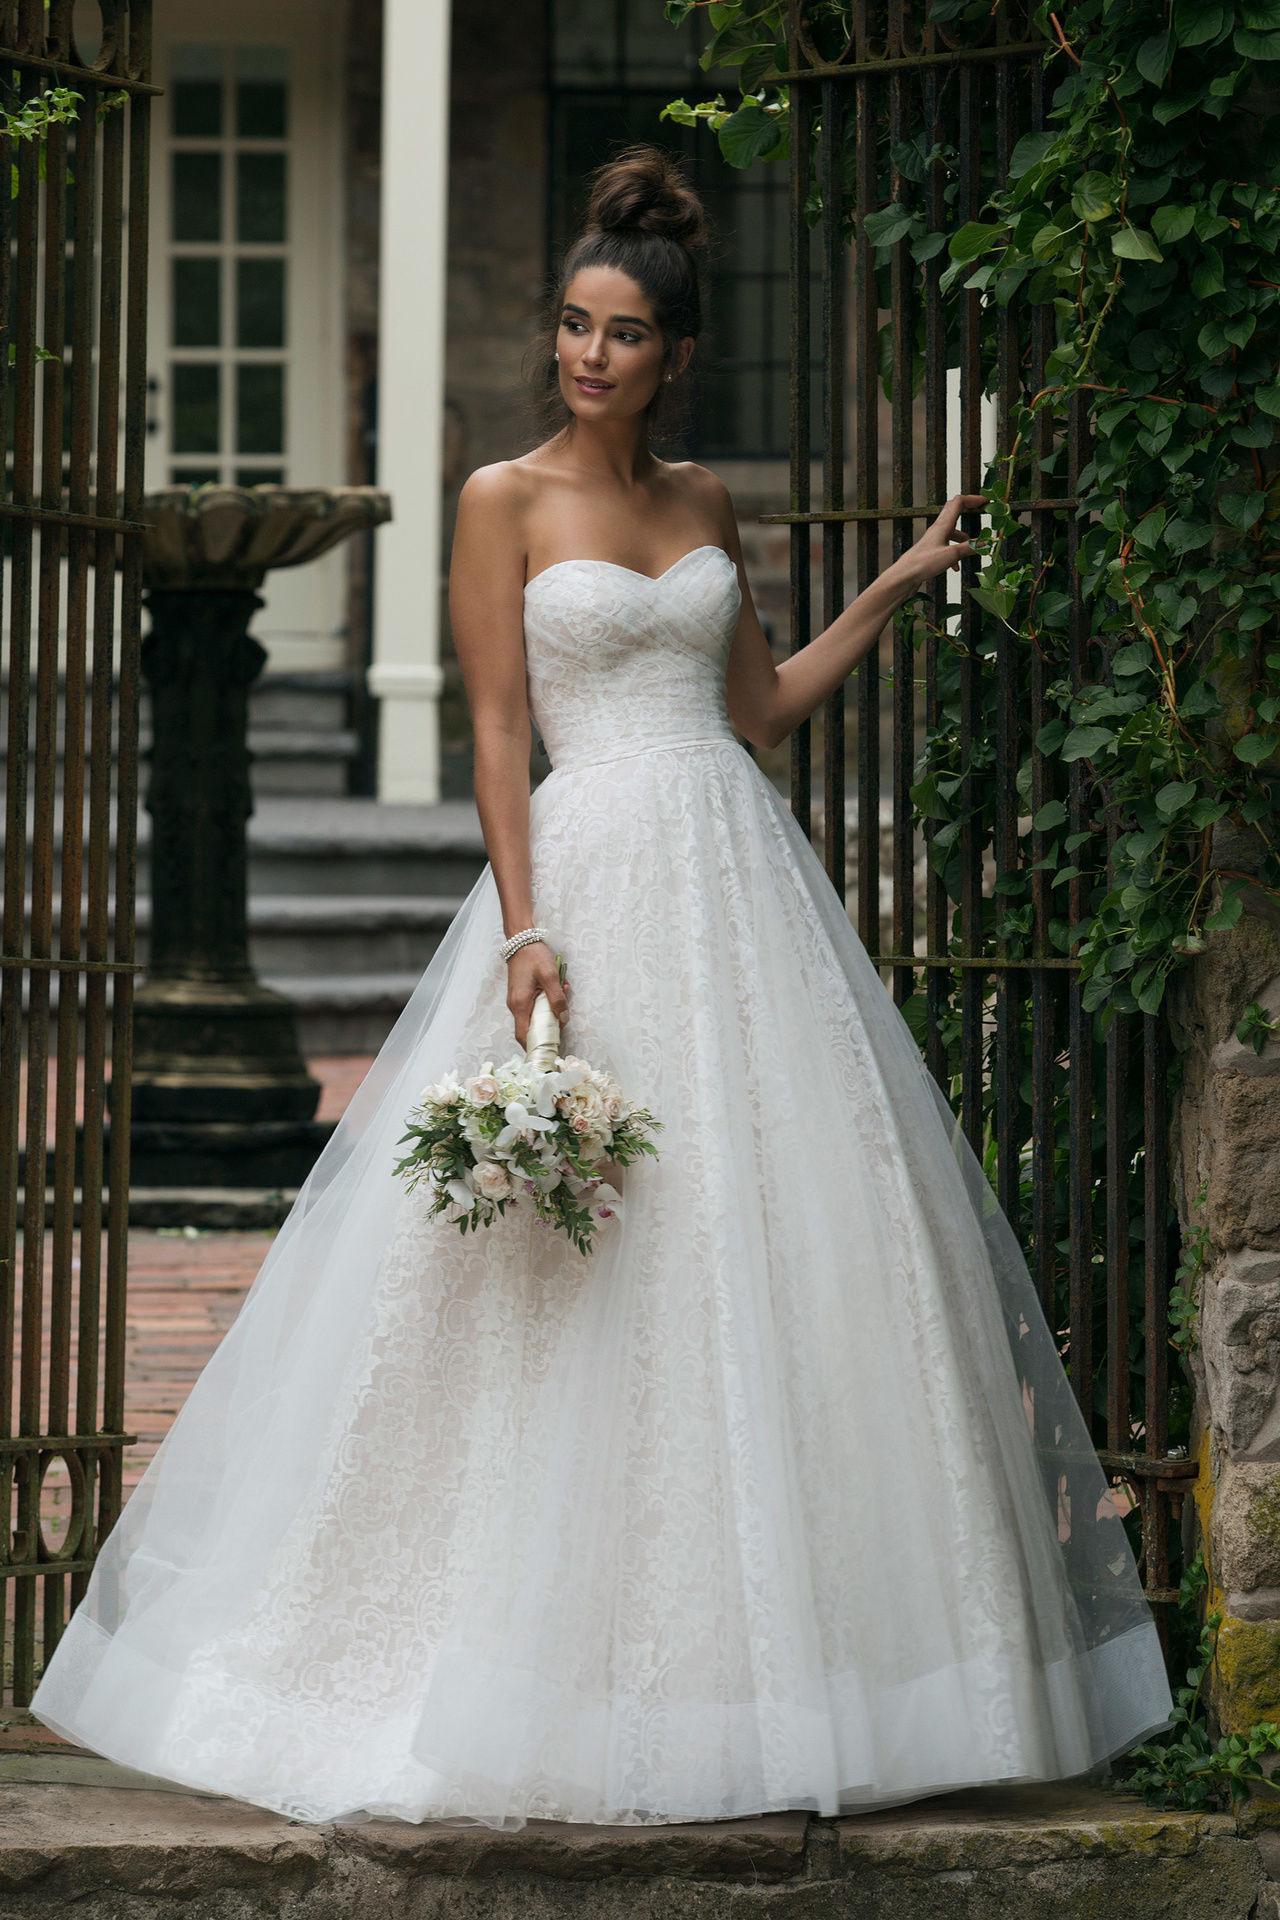 Designer Einzigartig Brautkleid Verleih BoutiqueFormal Großartig Brautkleid Verleih Boutique